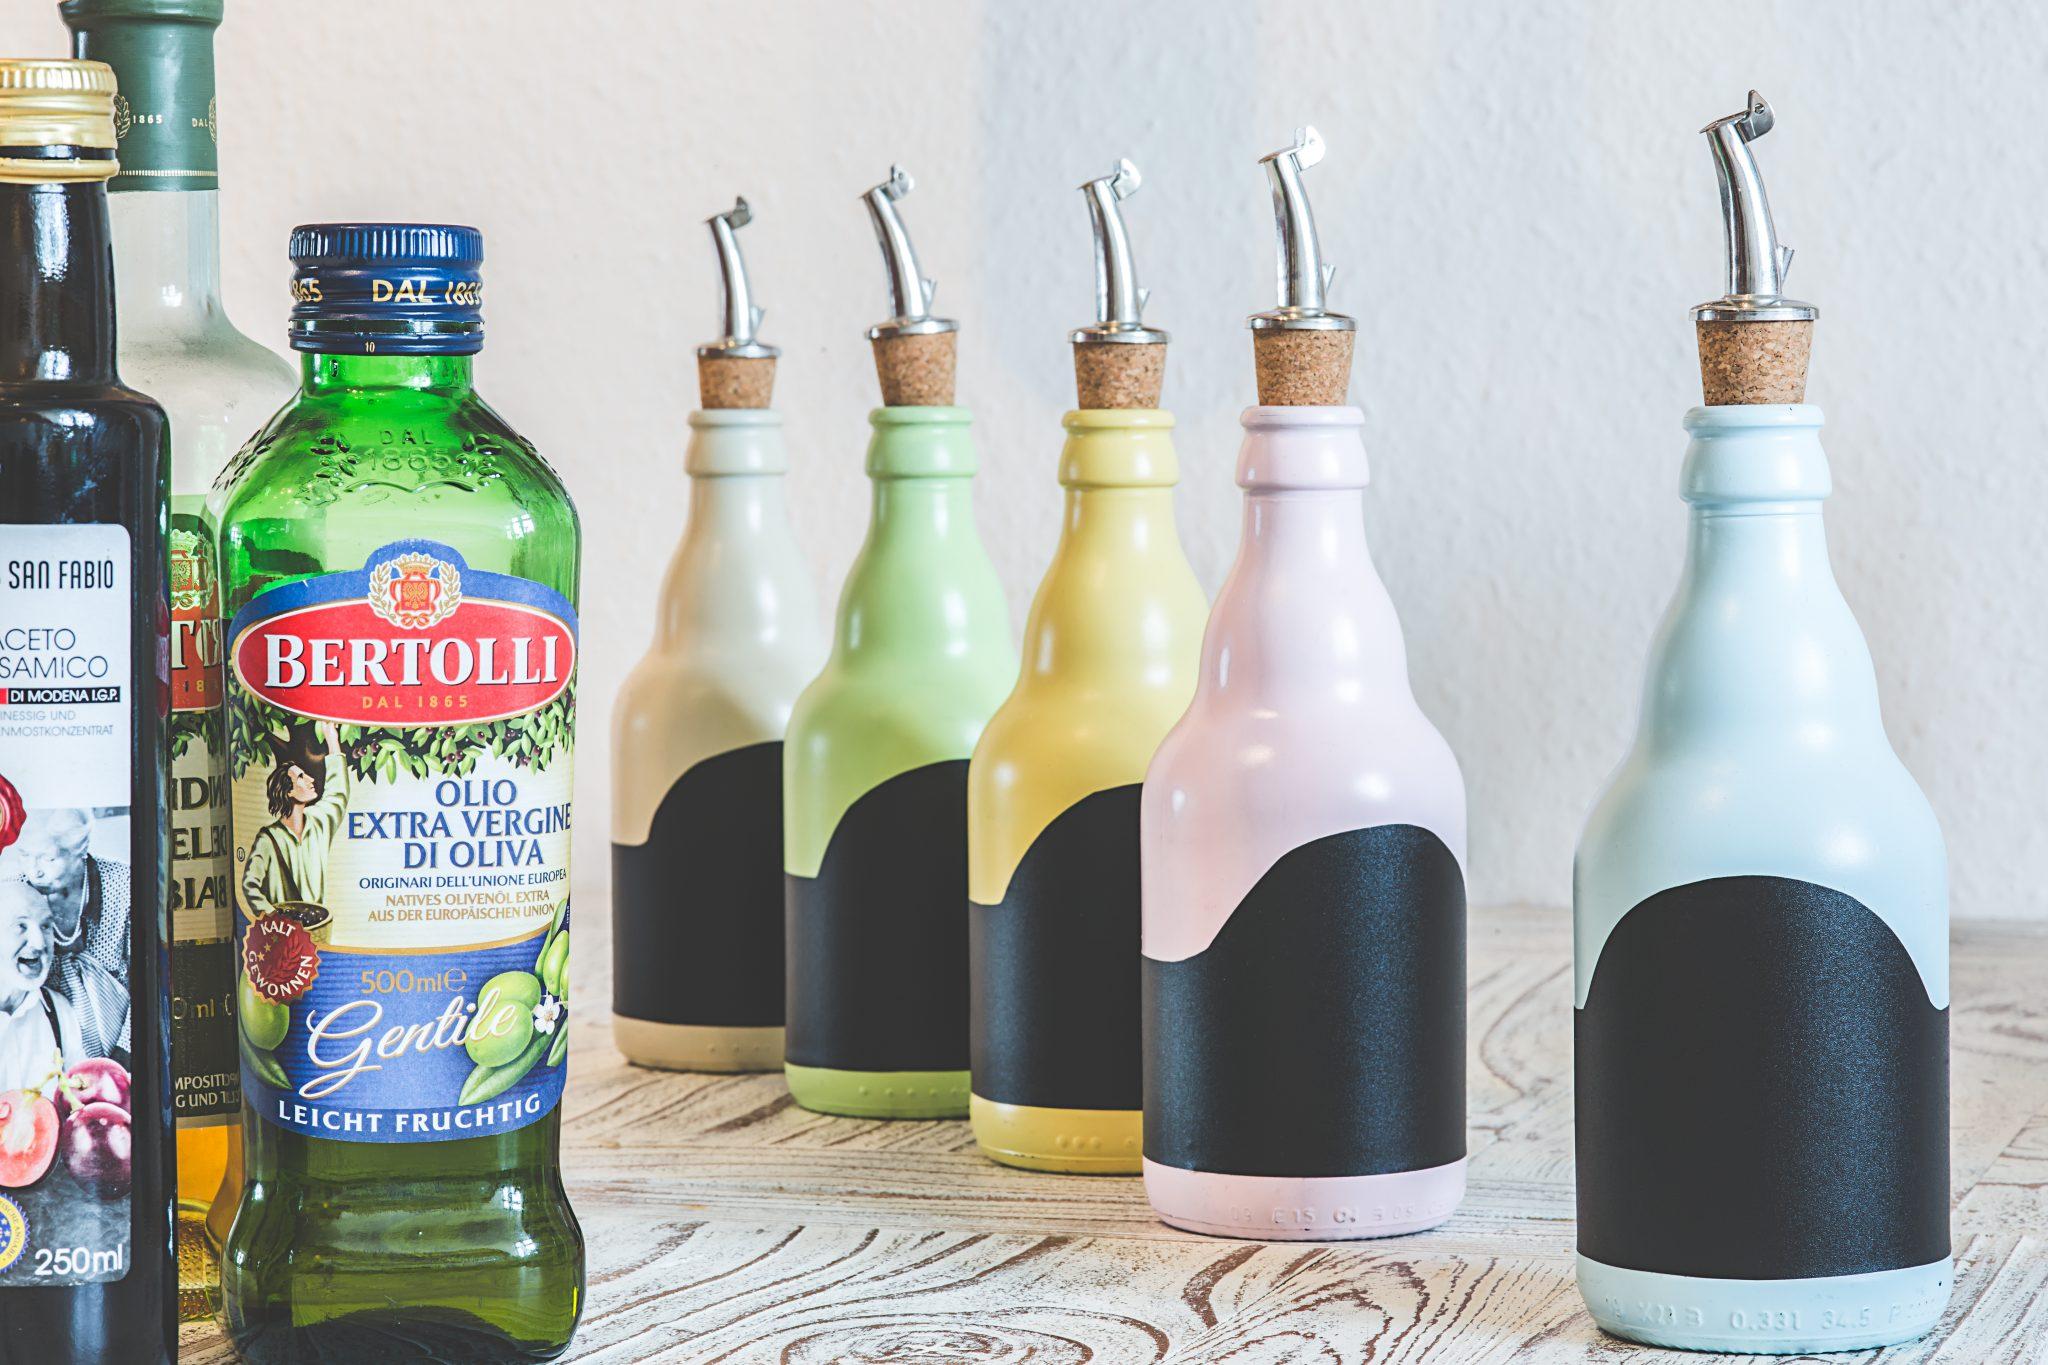 Windlichter teelichter vasen Ölflaschen donna quijote